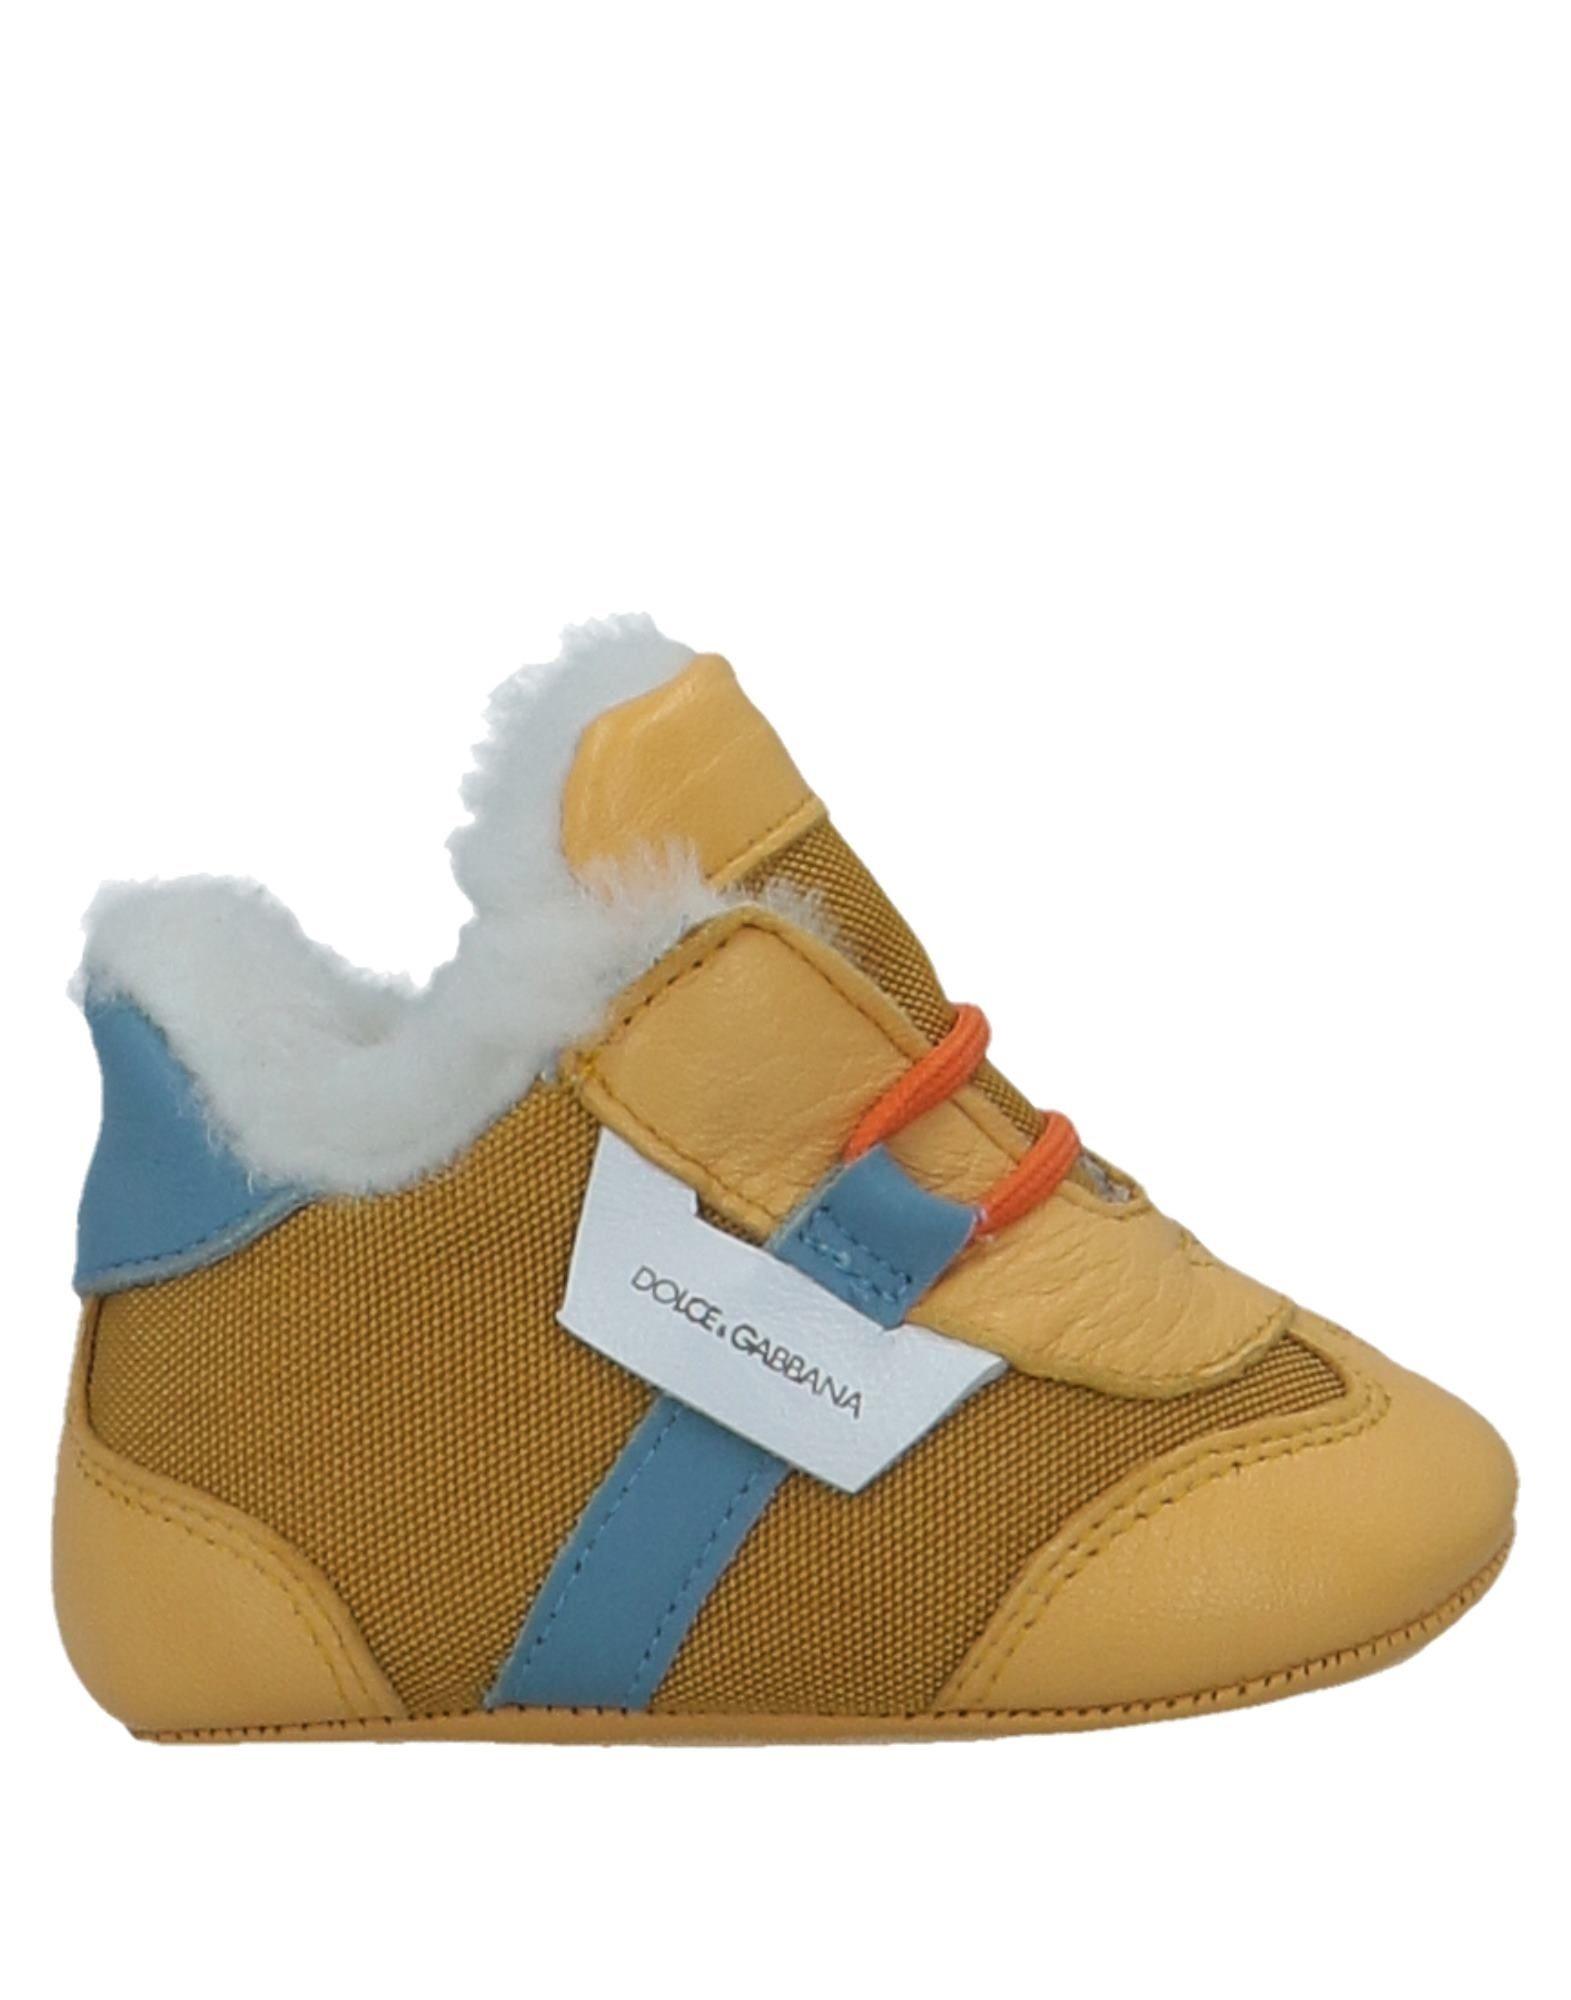 DOLCE & GABBANA Обувь для новорожденных цены онлайн